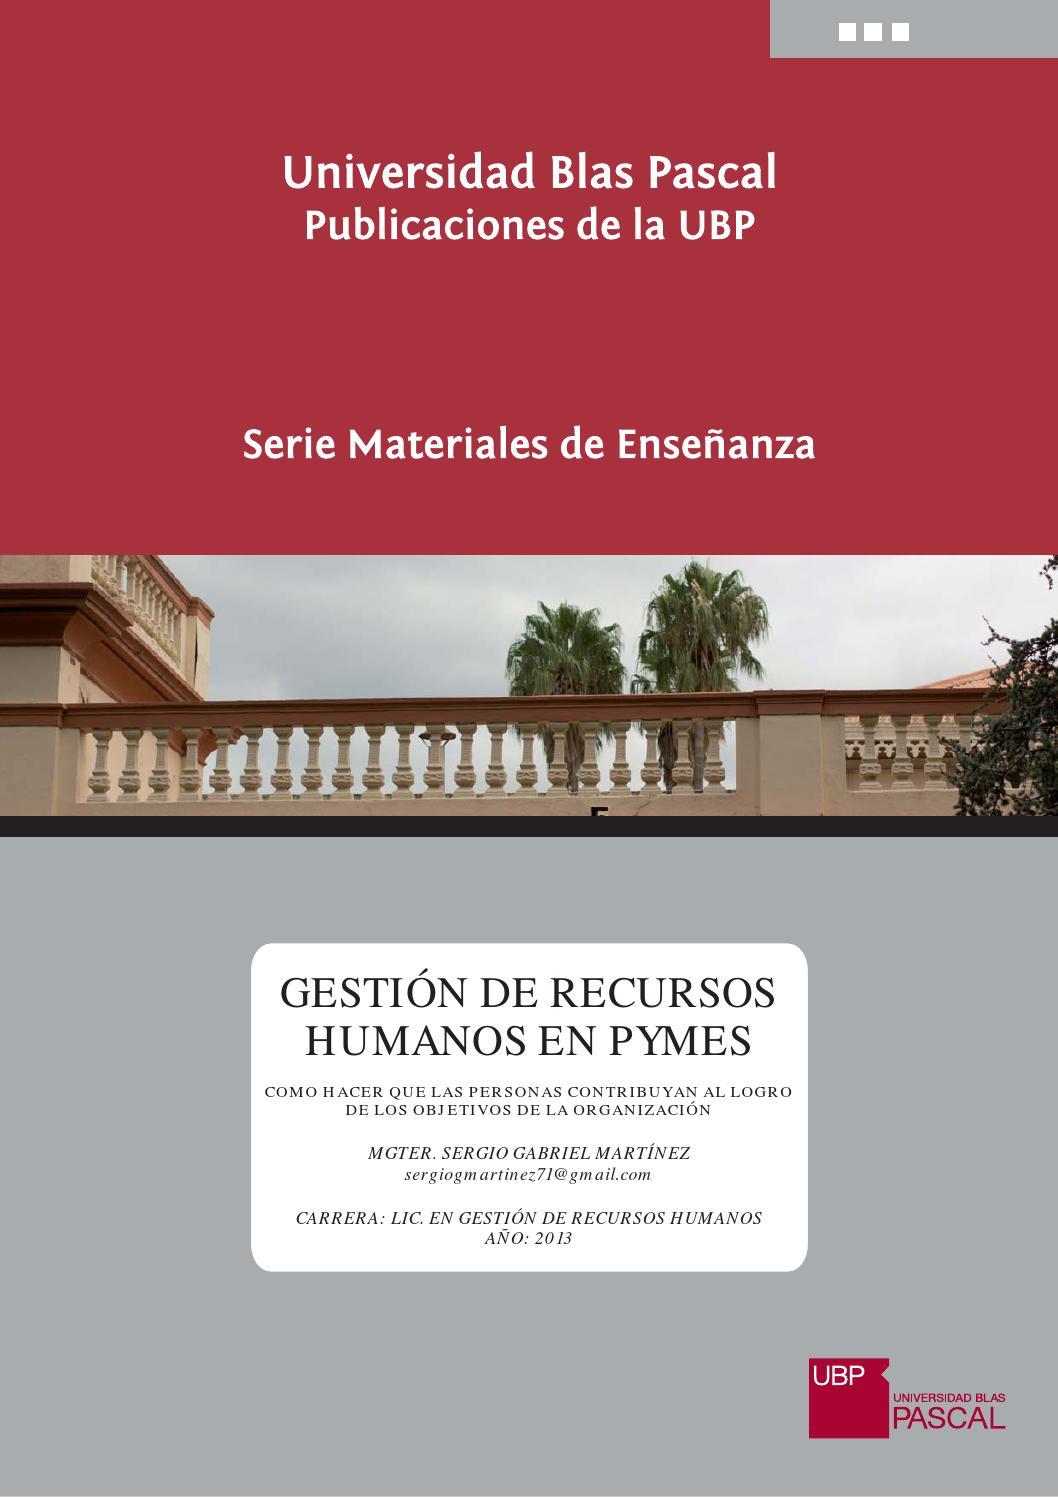 GESTIÓN DE RECURSOS HUMANOS EN PYMES by Universidad Blas Pascal - issuu